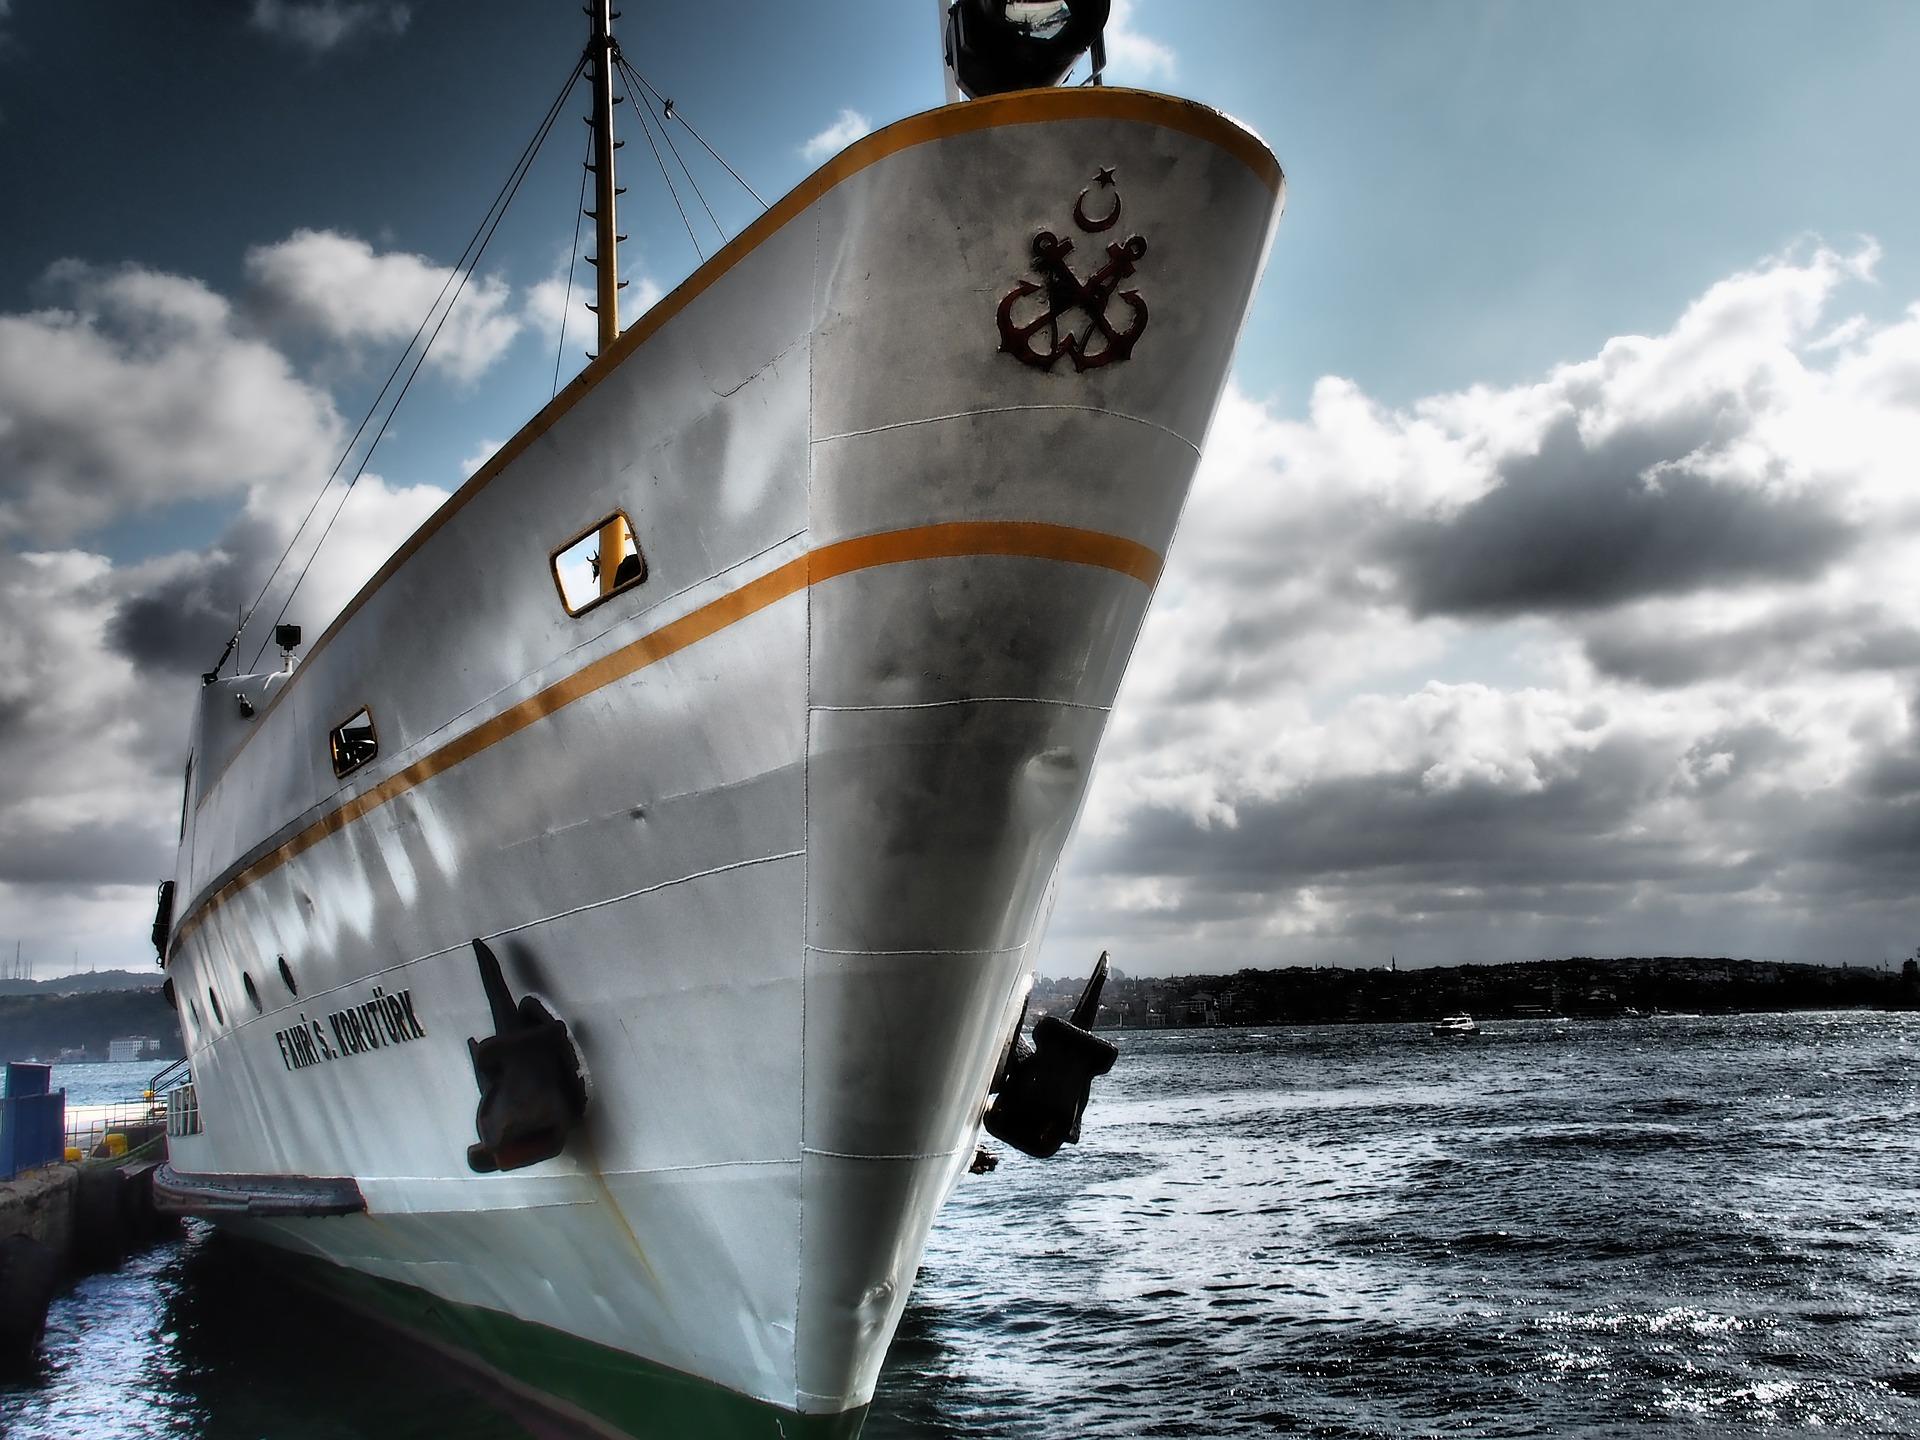 лодка, корабль, Паром, Море, якорь, Небо, облака - Обои HD - Профессор falken.com